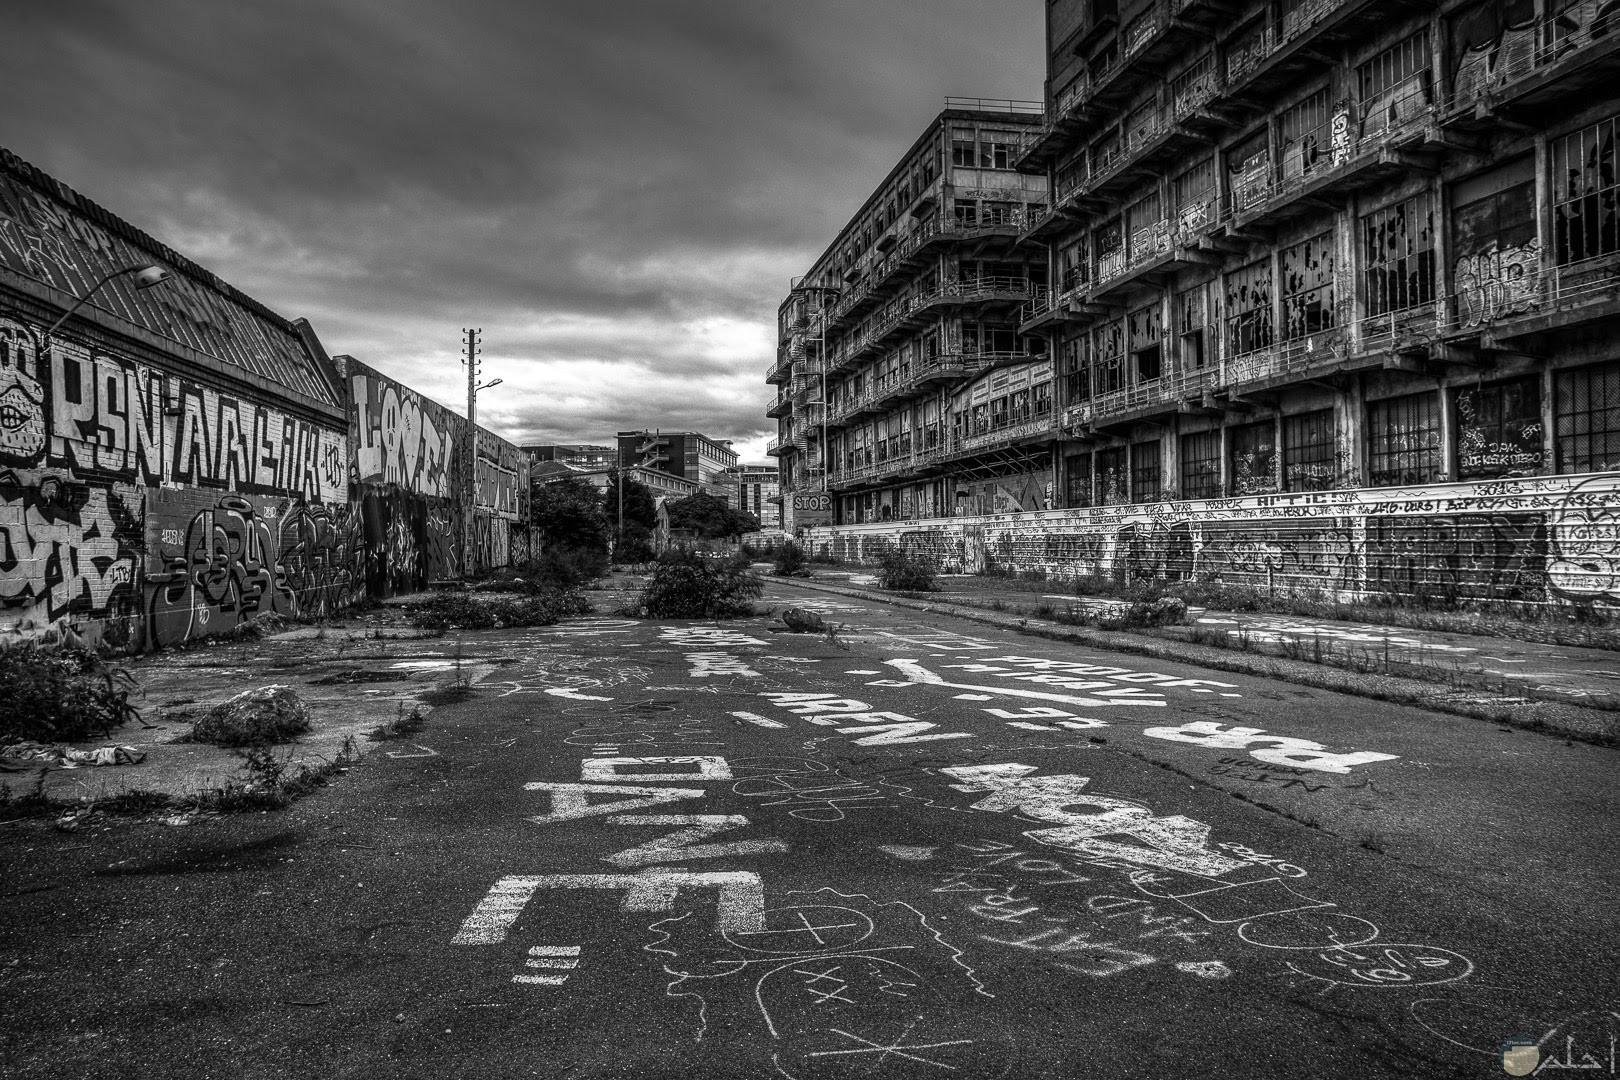 صورة حزينة لشارع مهجور بالأبيض والأسود